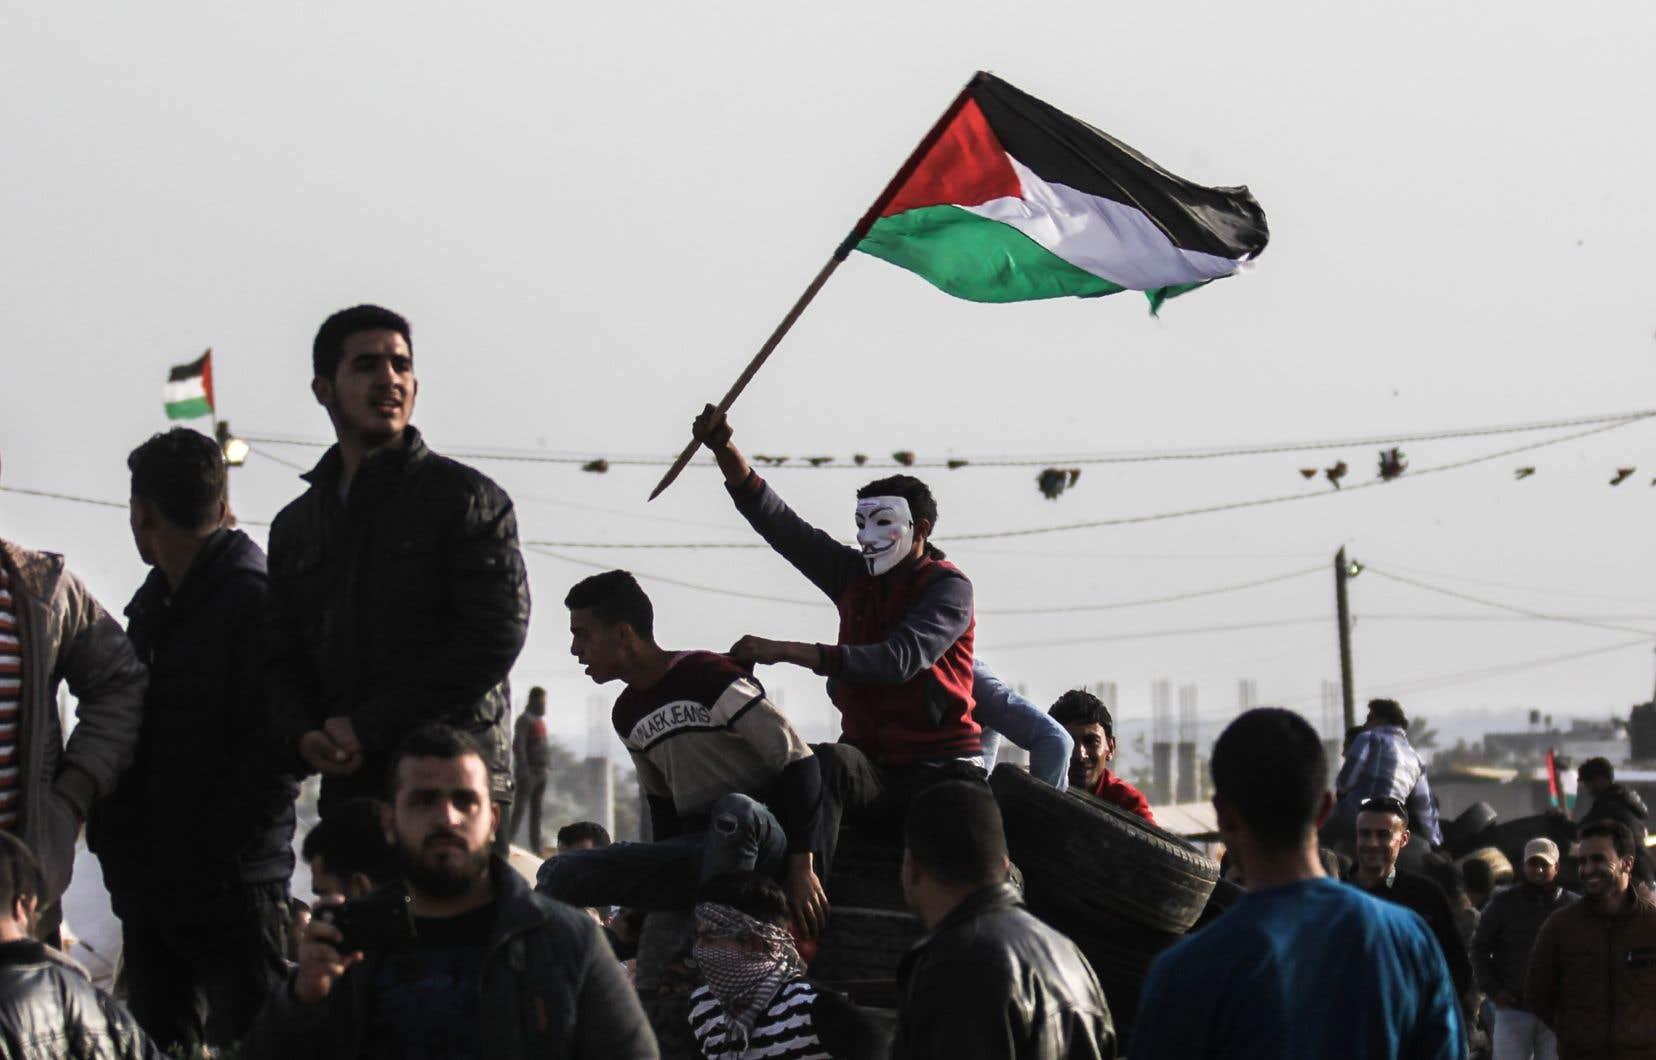 Les Palestiniens de Gaza se préparent de pied ferme aux manifestations à haut risque de vendredi prochain.